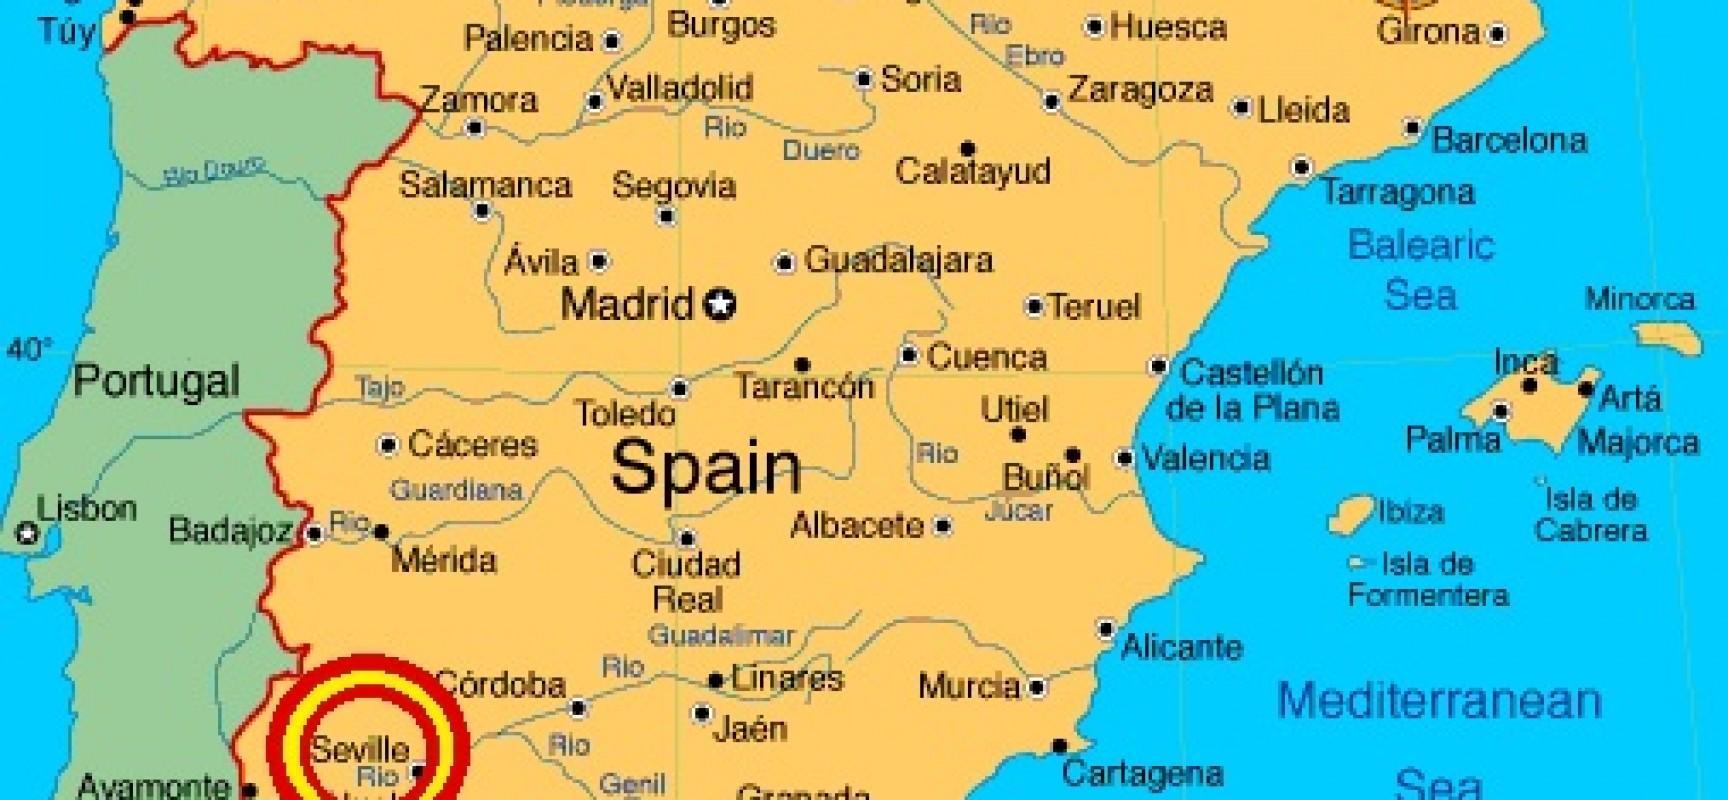 Sevilla Karte von Spanien - Sevilla, Spanien Karte ...